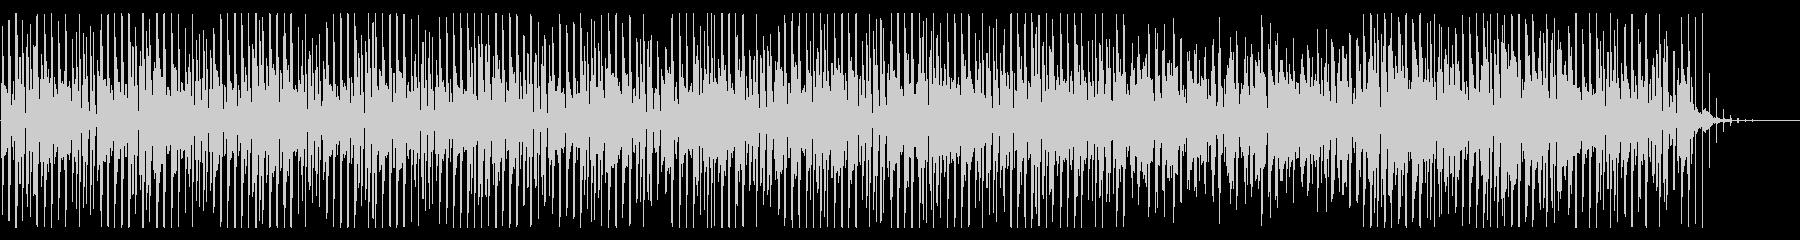 ふわふわでかわいいアコースティックBGMの未再生の波形